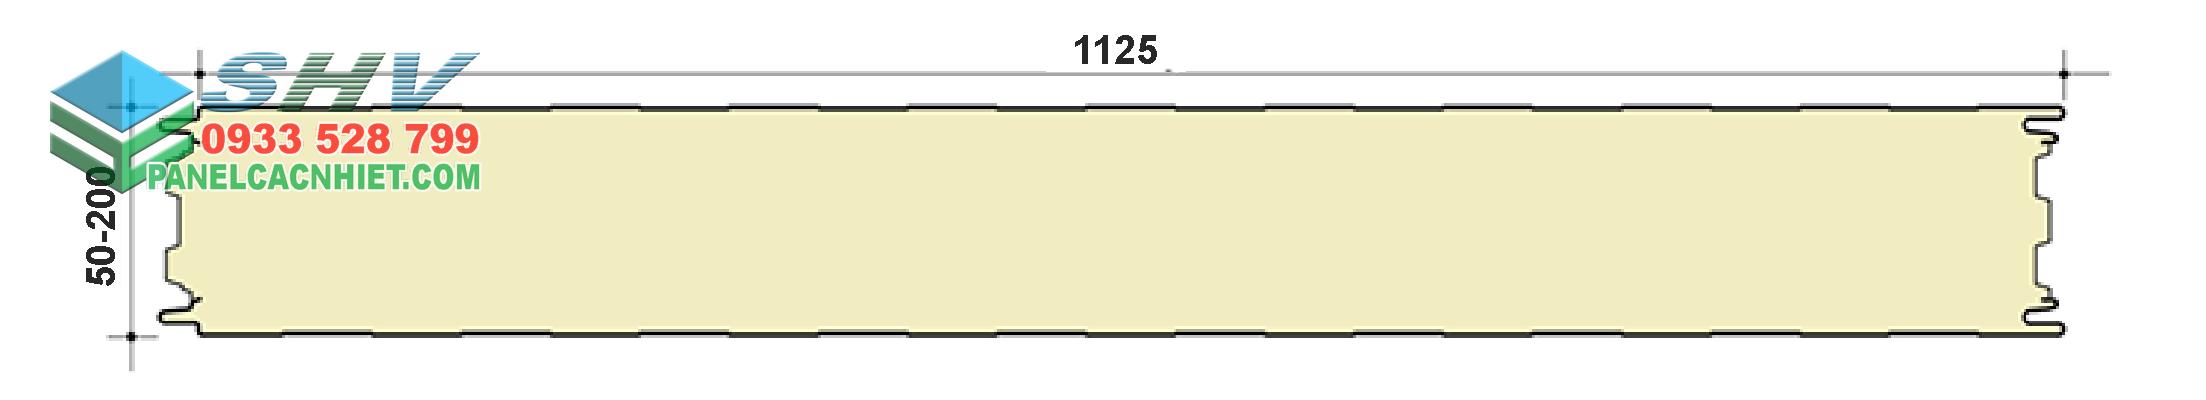 mặt cắt panel pu tấm sóng